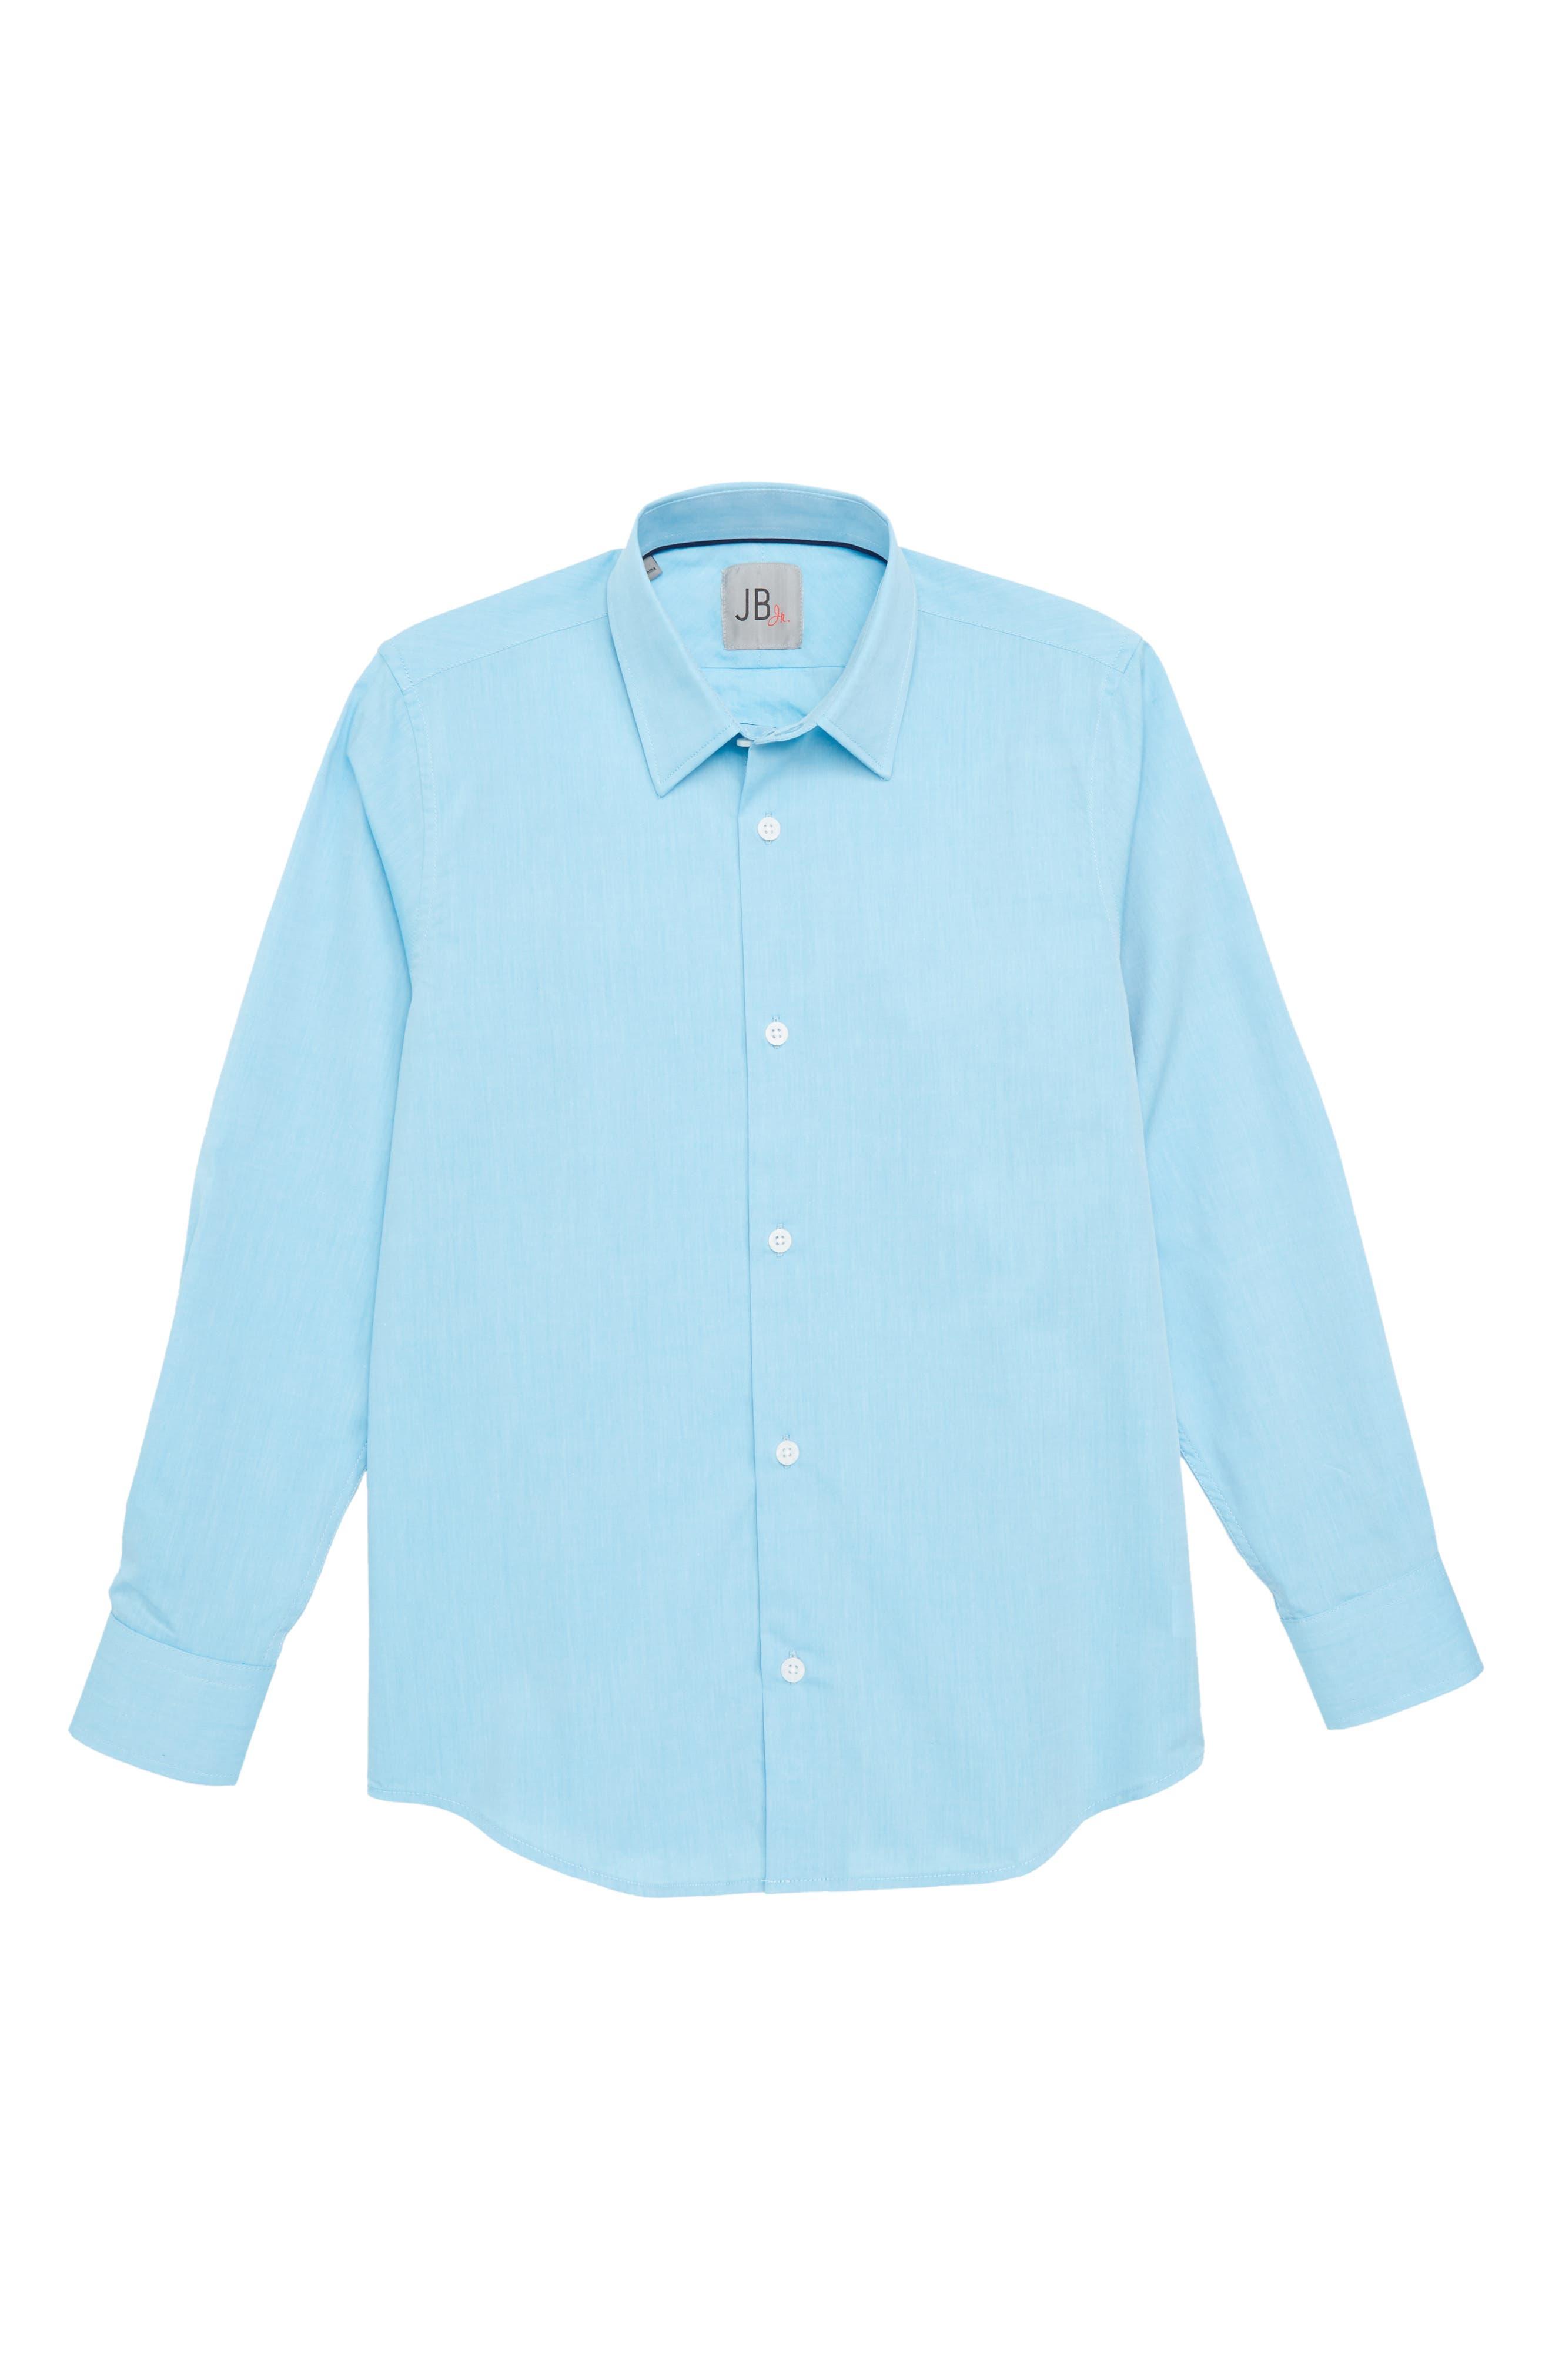 JB JR Solid Dress Shirt, Main, color, 441